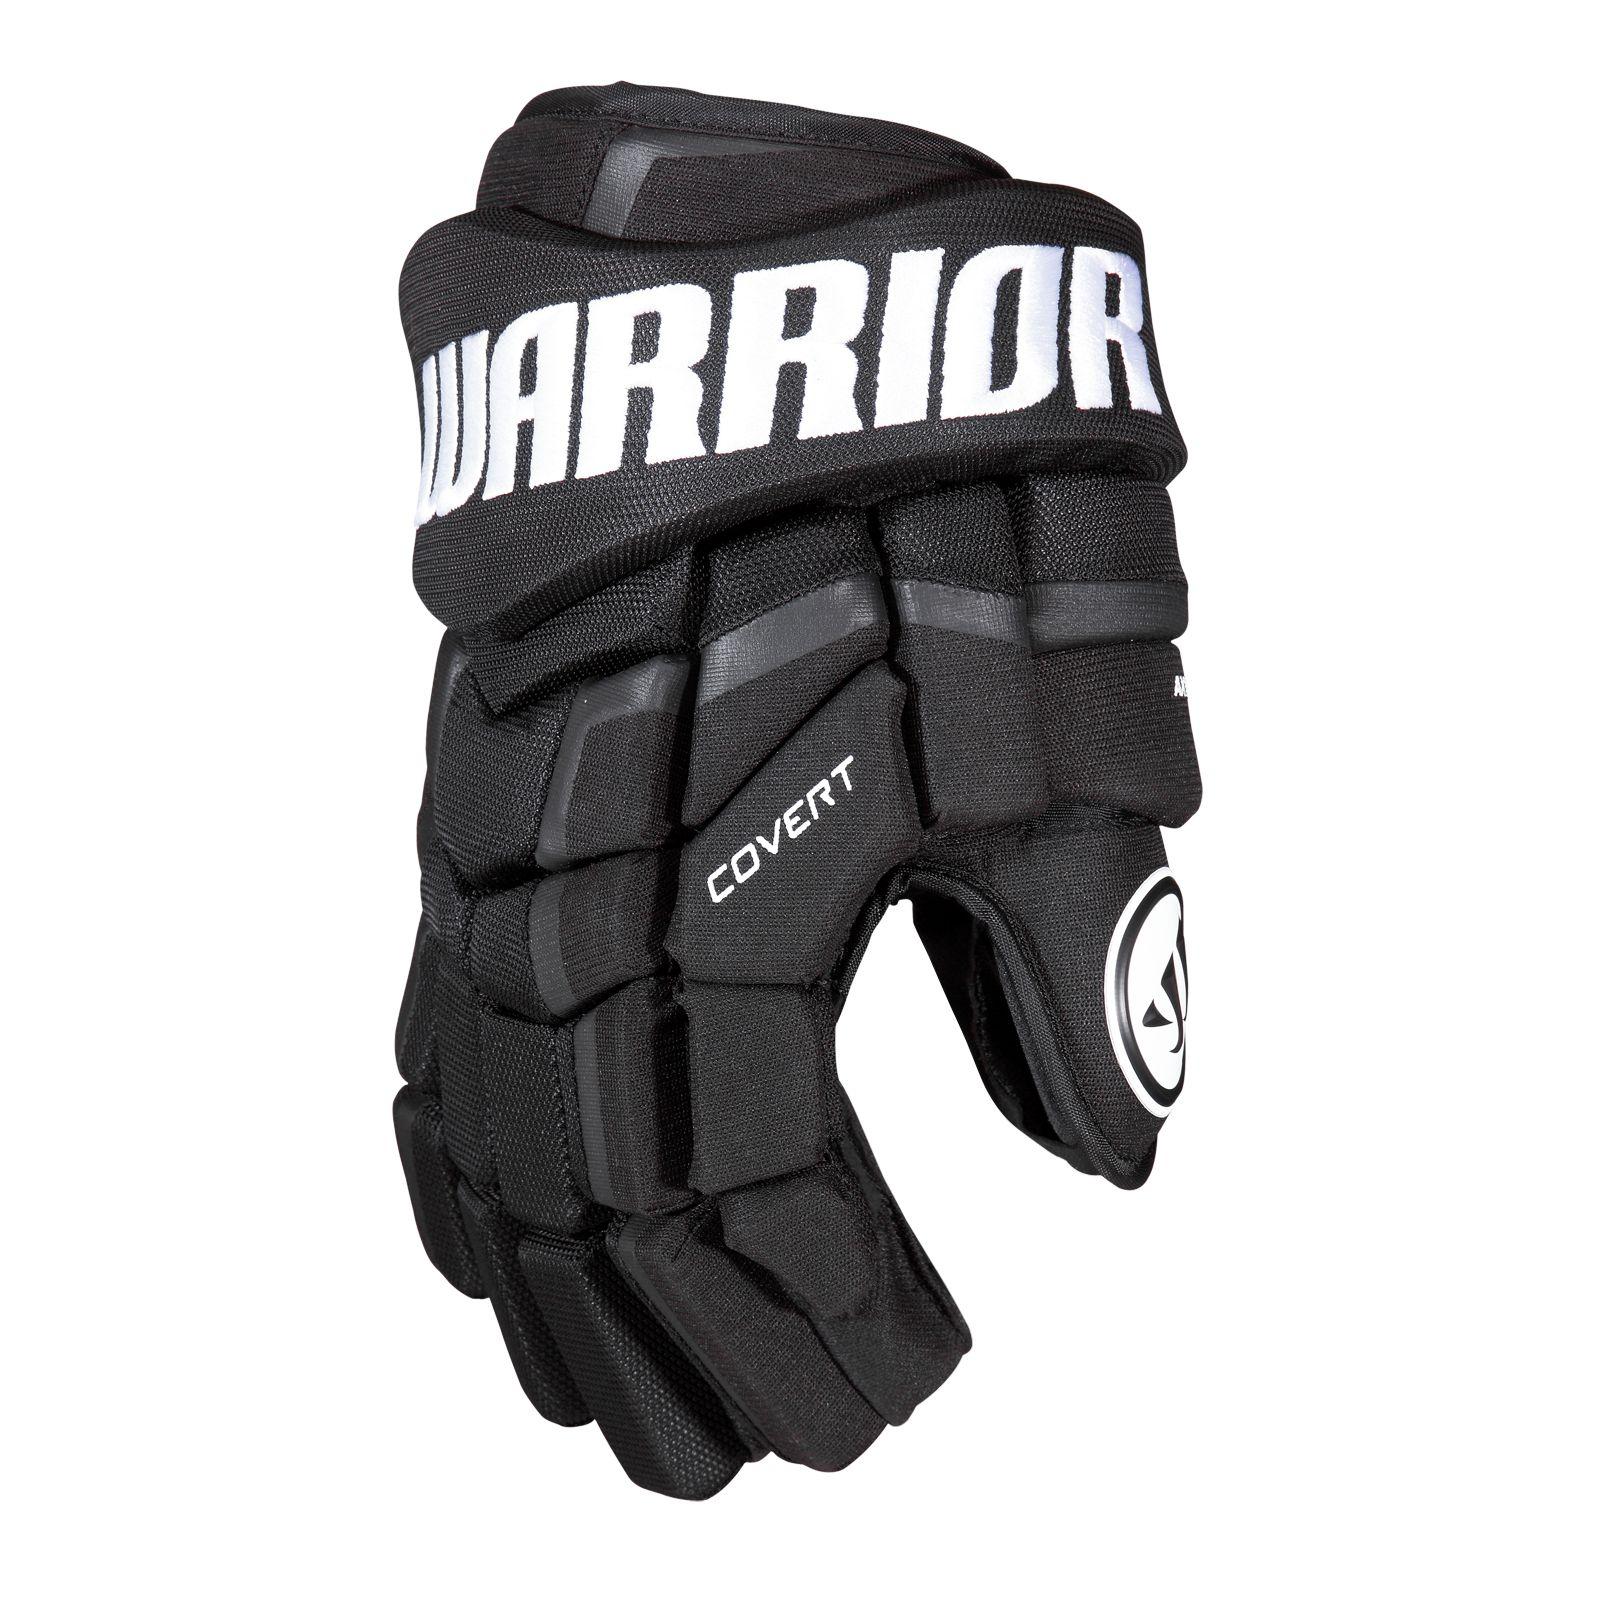 Warrior Covert QRL4